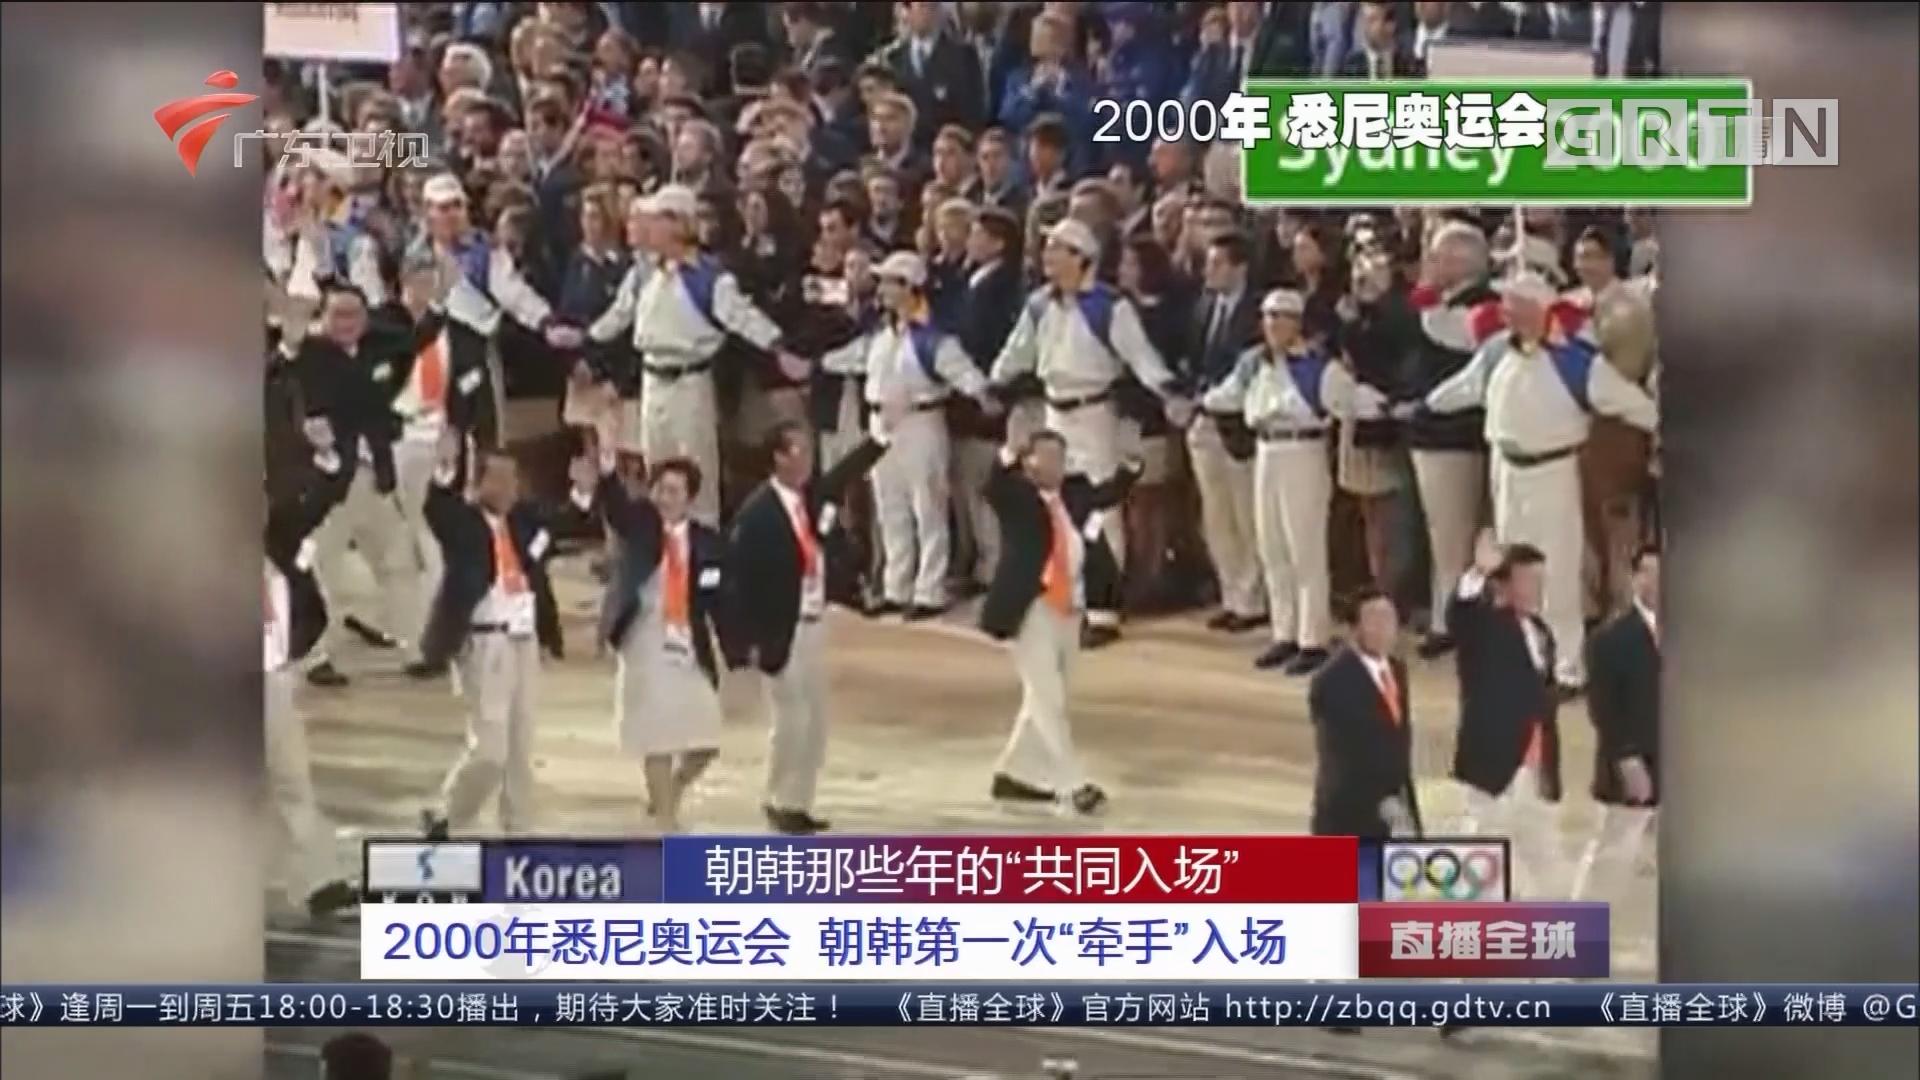 """朝韩那些年的""""共同入场"""" 2000年悉尼奥运会 朝韩第一次""""牵手""""入场"""